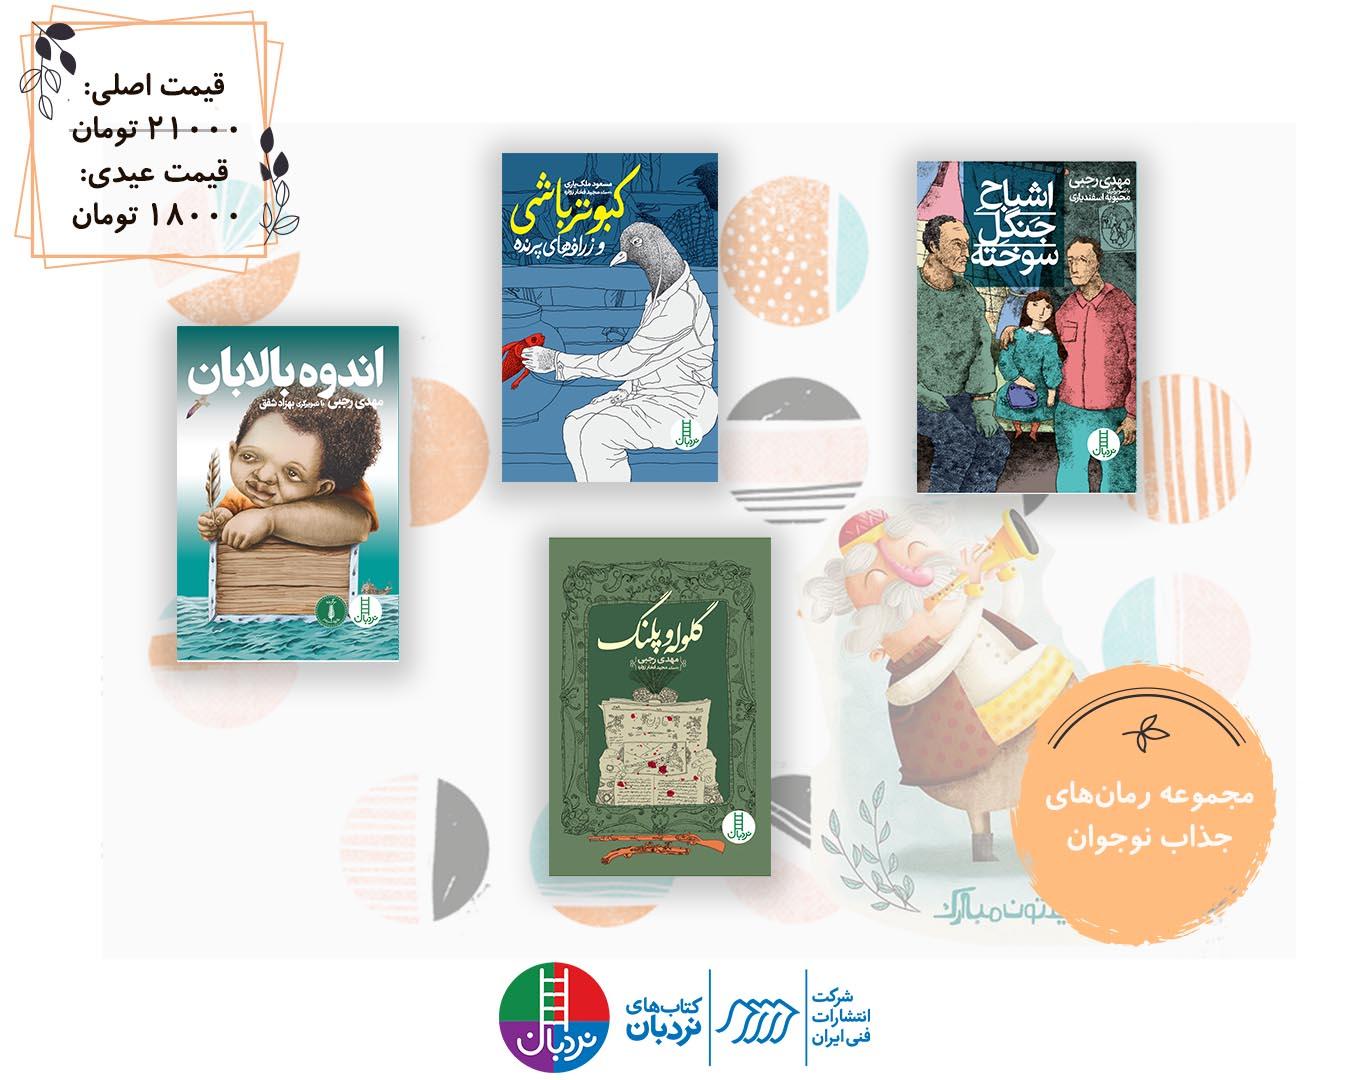 بسته عیدی برای نوجوانان (2)